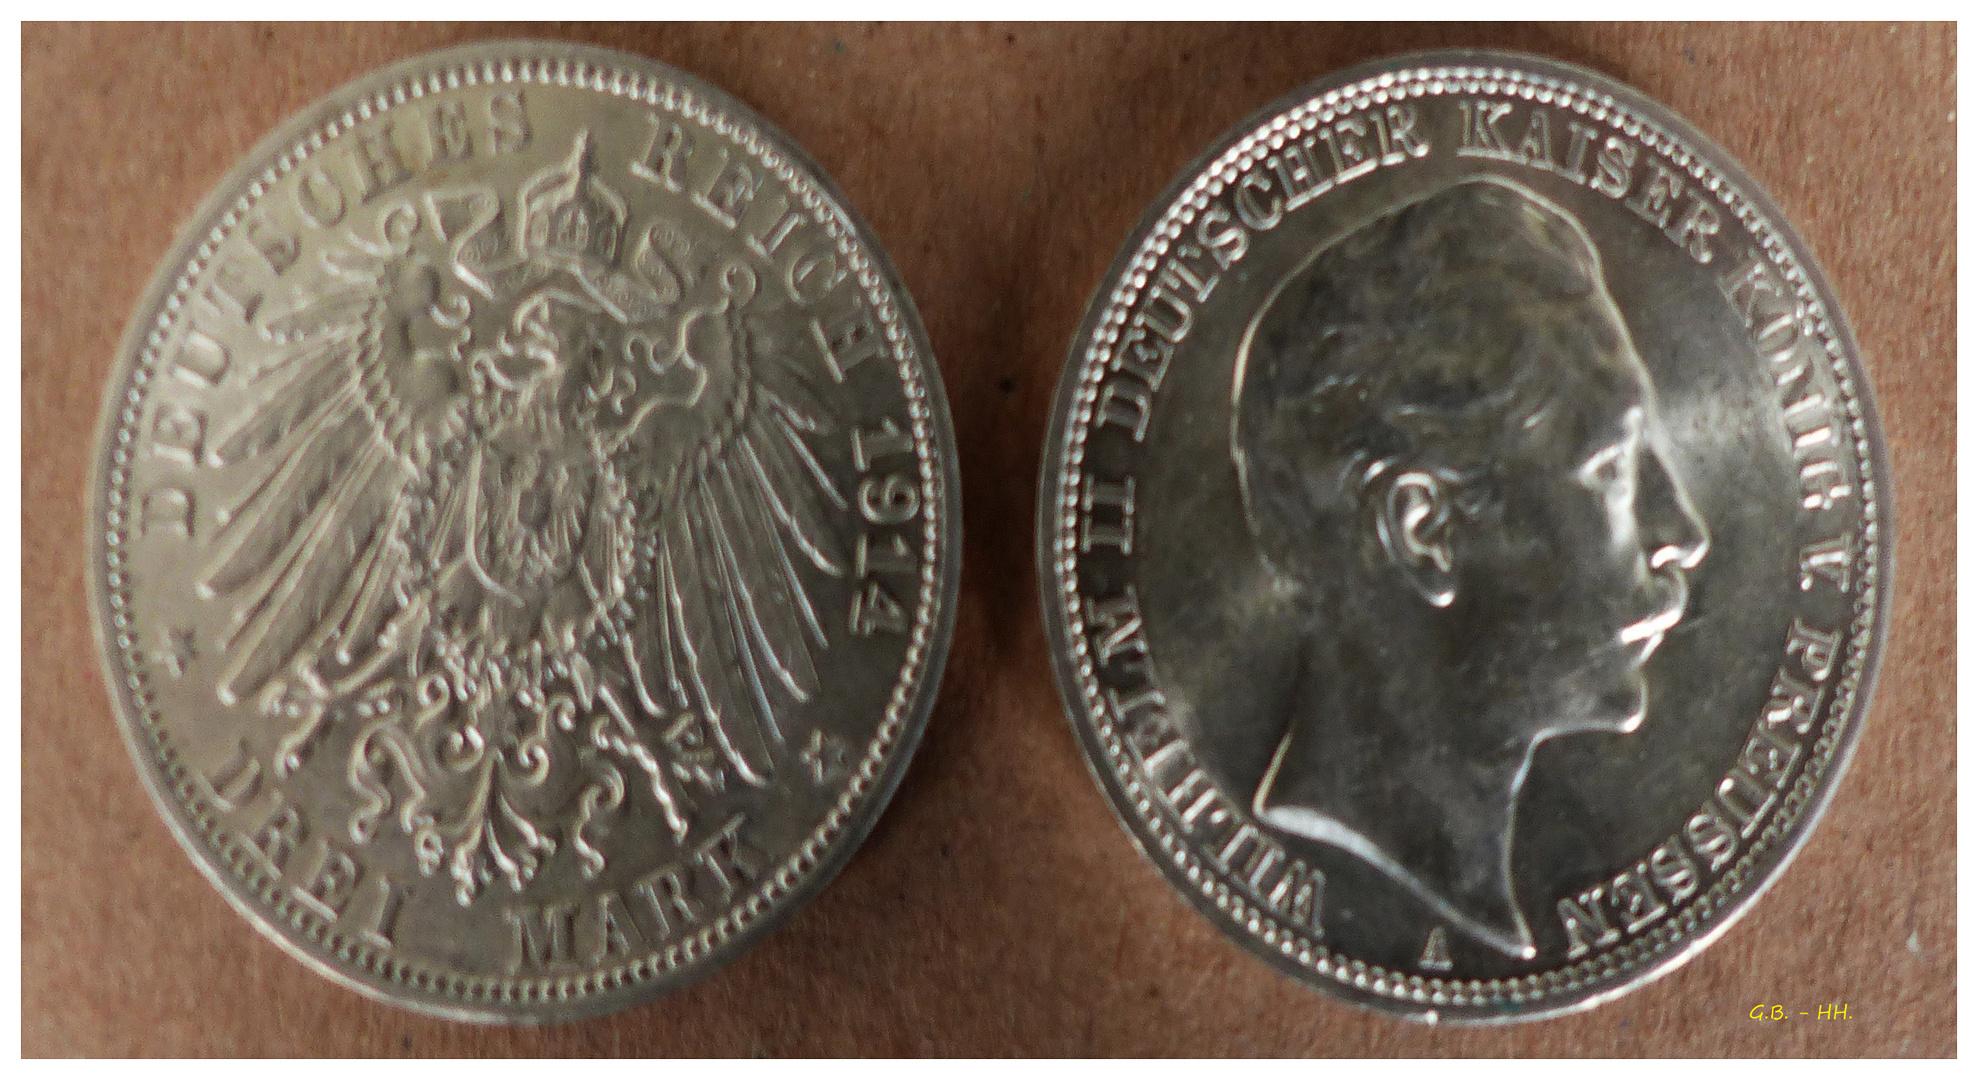 Wie Dazumal Deutsches Reich 3 Mark 1914 Foto Bild